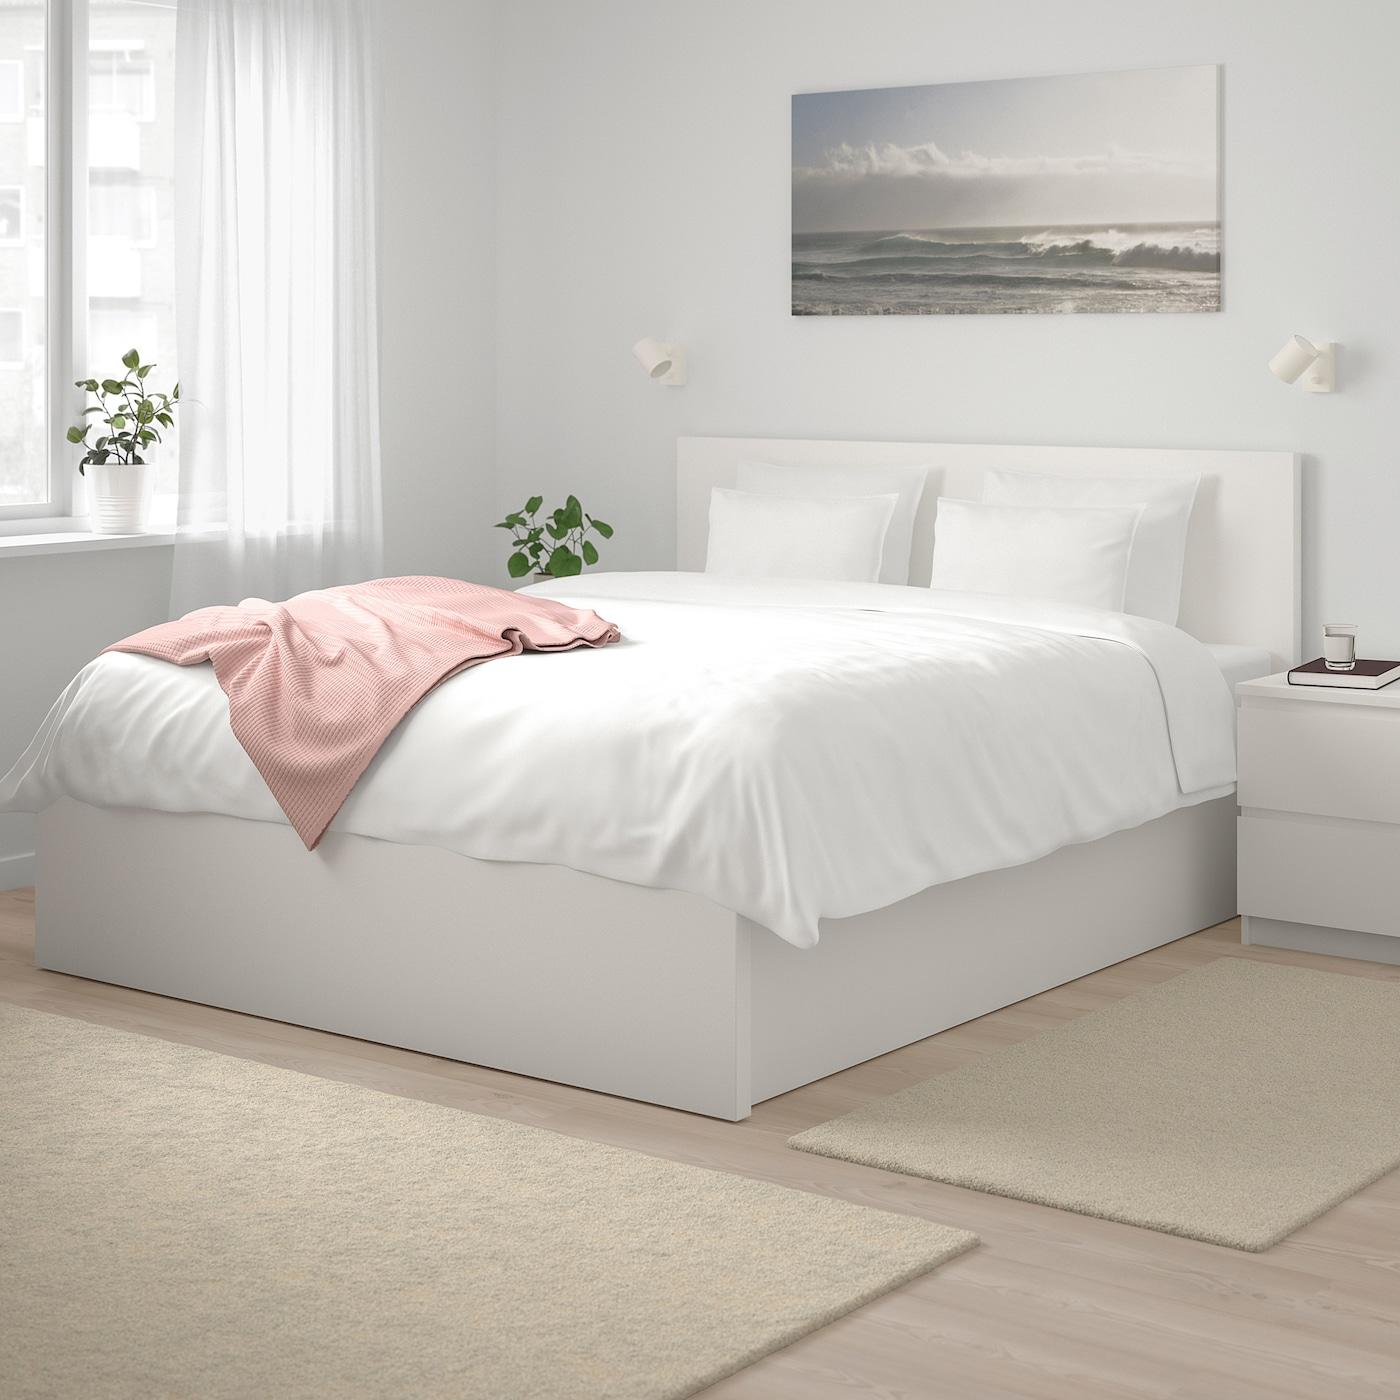 MALM Bettgestell mit Aufbewahrung   weiß 12x12 cm